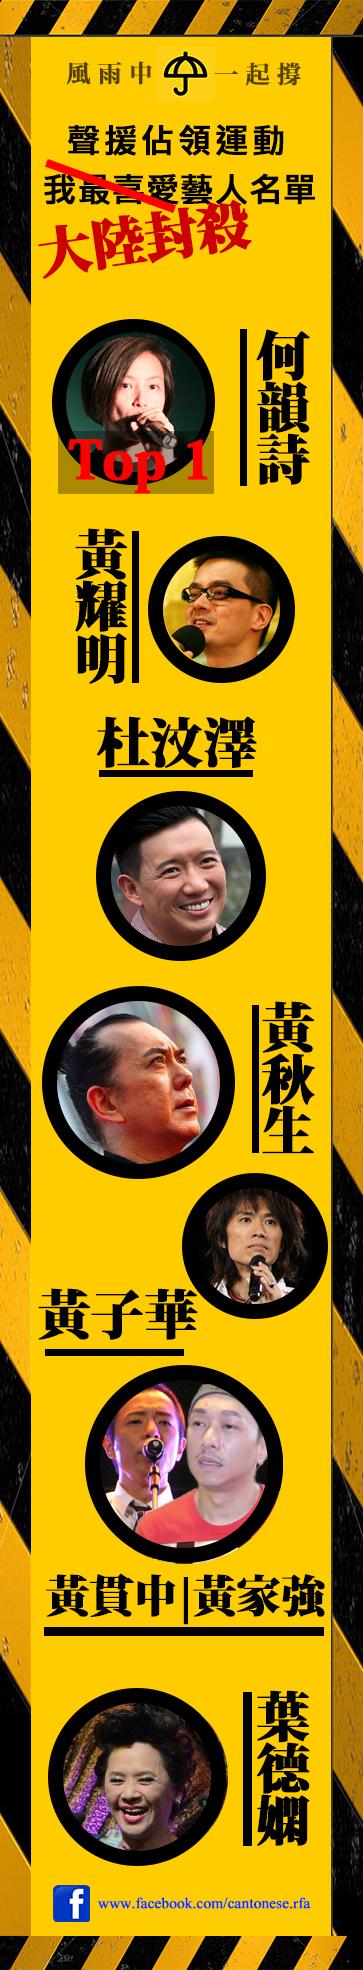 香港有演藝人因聲援佔領運動,遭大陸當局封殺。(粵語部製圖)